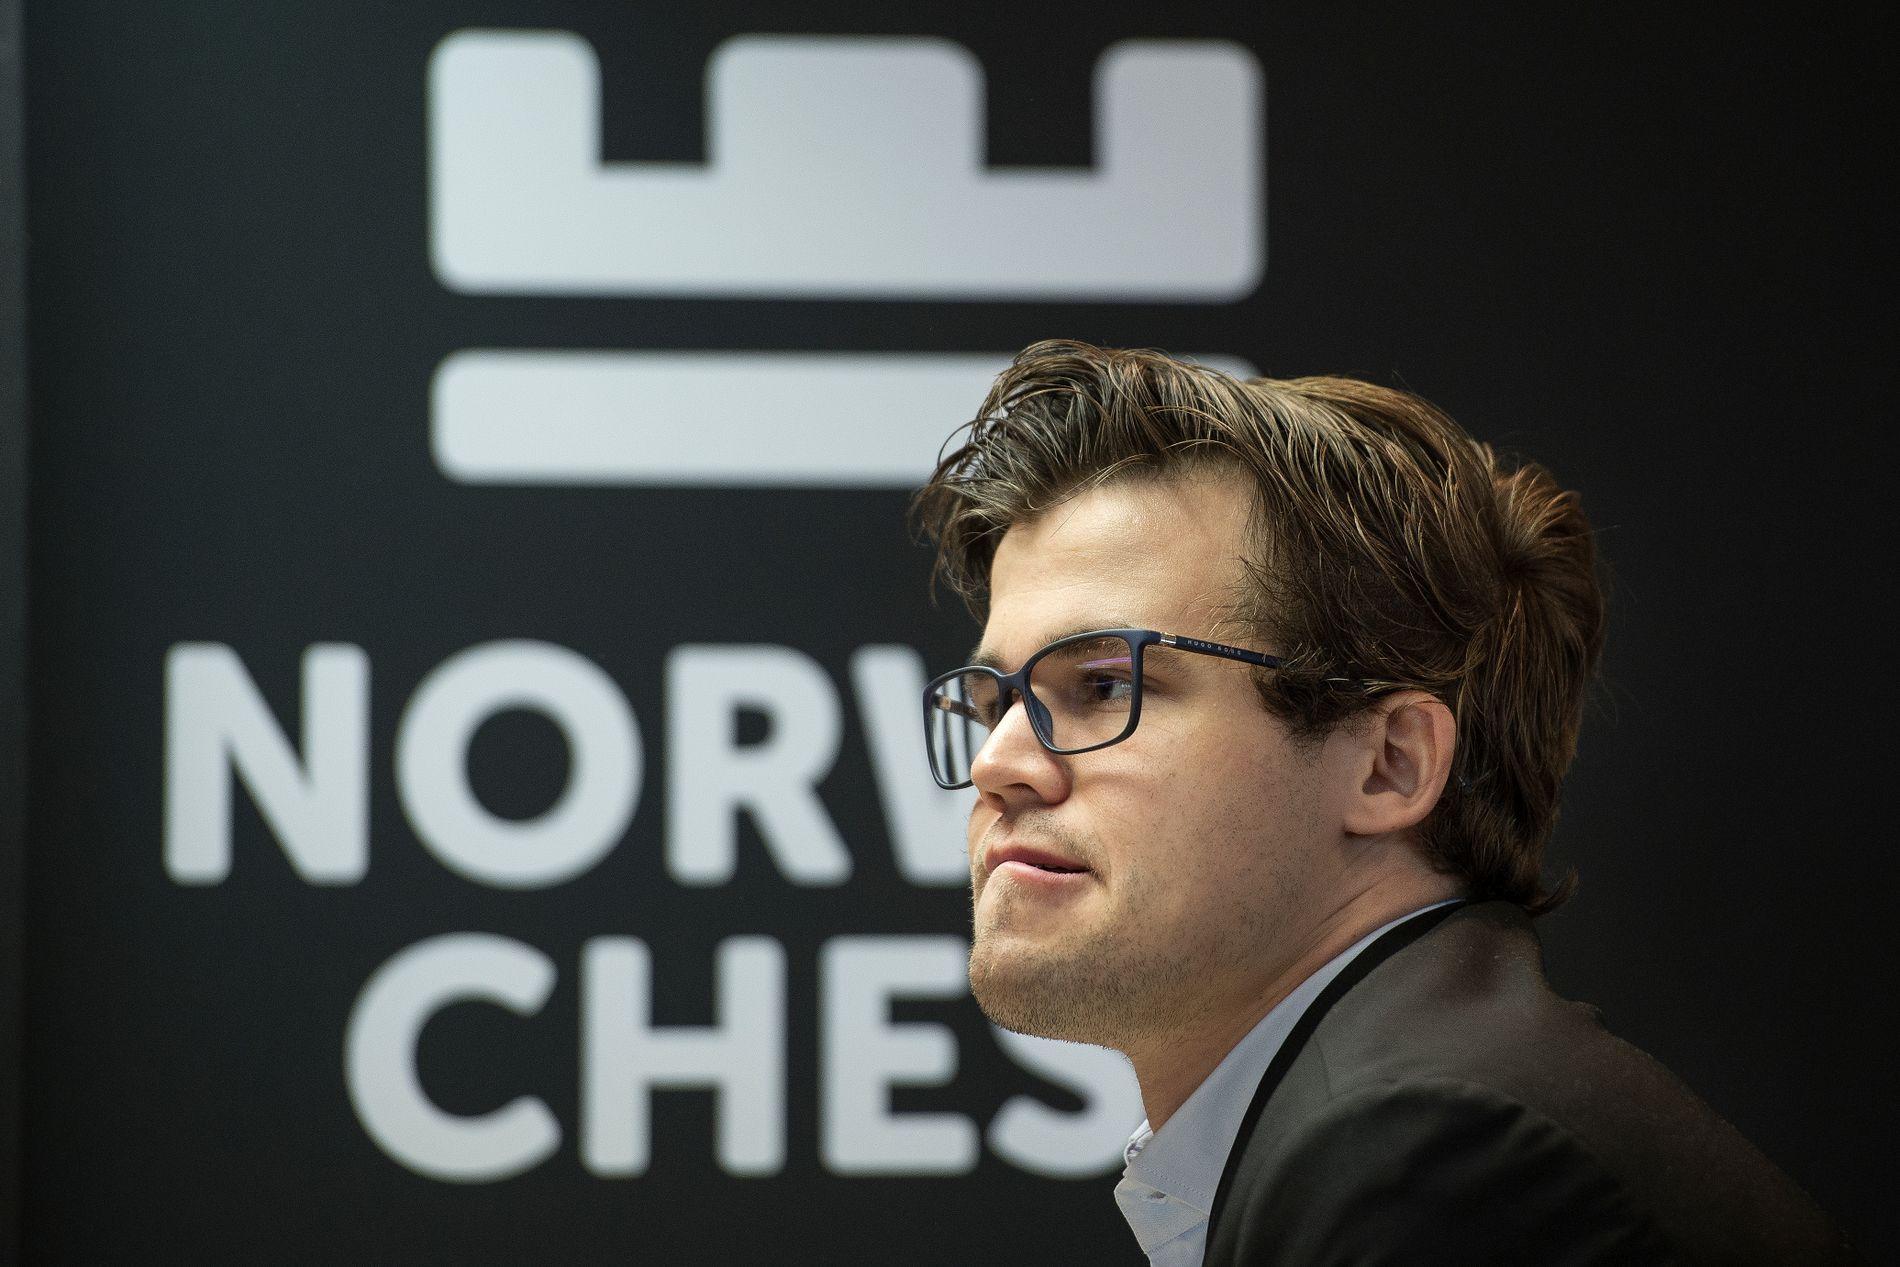 Er Den Norske Entusiasmen For Sjakk Klar For Et Liv Etter Magnus Carlsen Jeg Er I Sterk Tvil Skriver Kommentator Harald Birkevold